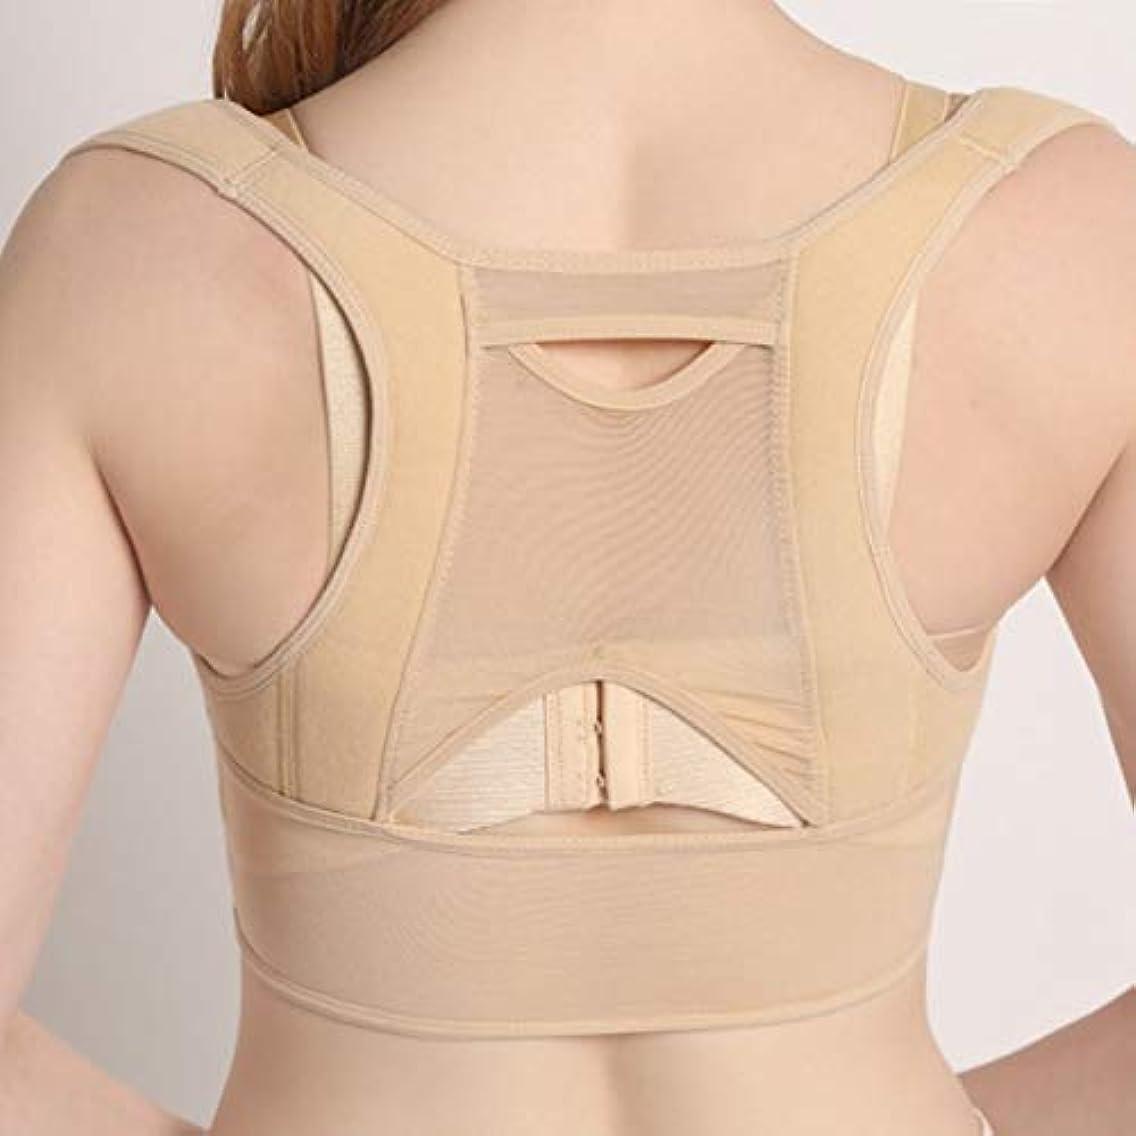 比べる衝撃ゲージ通気性のある女性の背部姿勢補正コルセット整形外科の背部肩背骨姿勢補正器腰部サポート-ベージュホワイトL